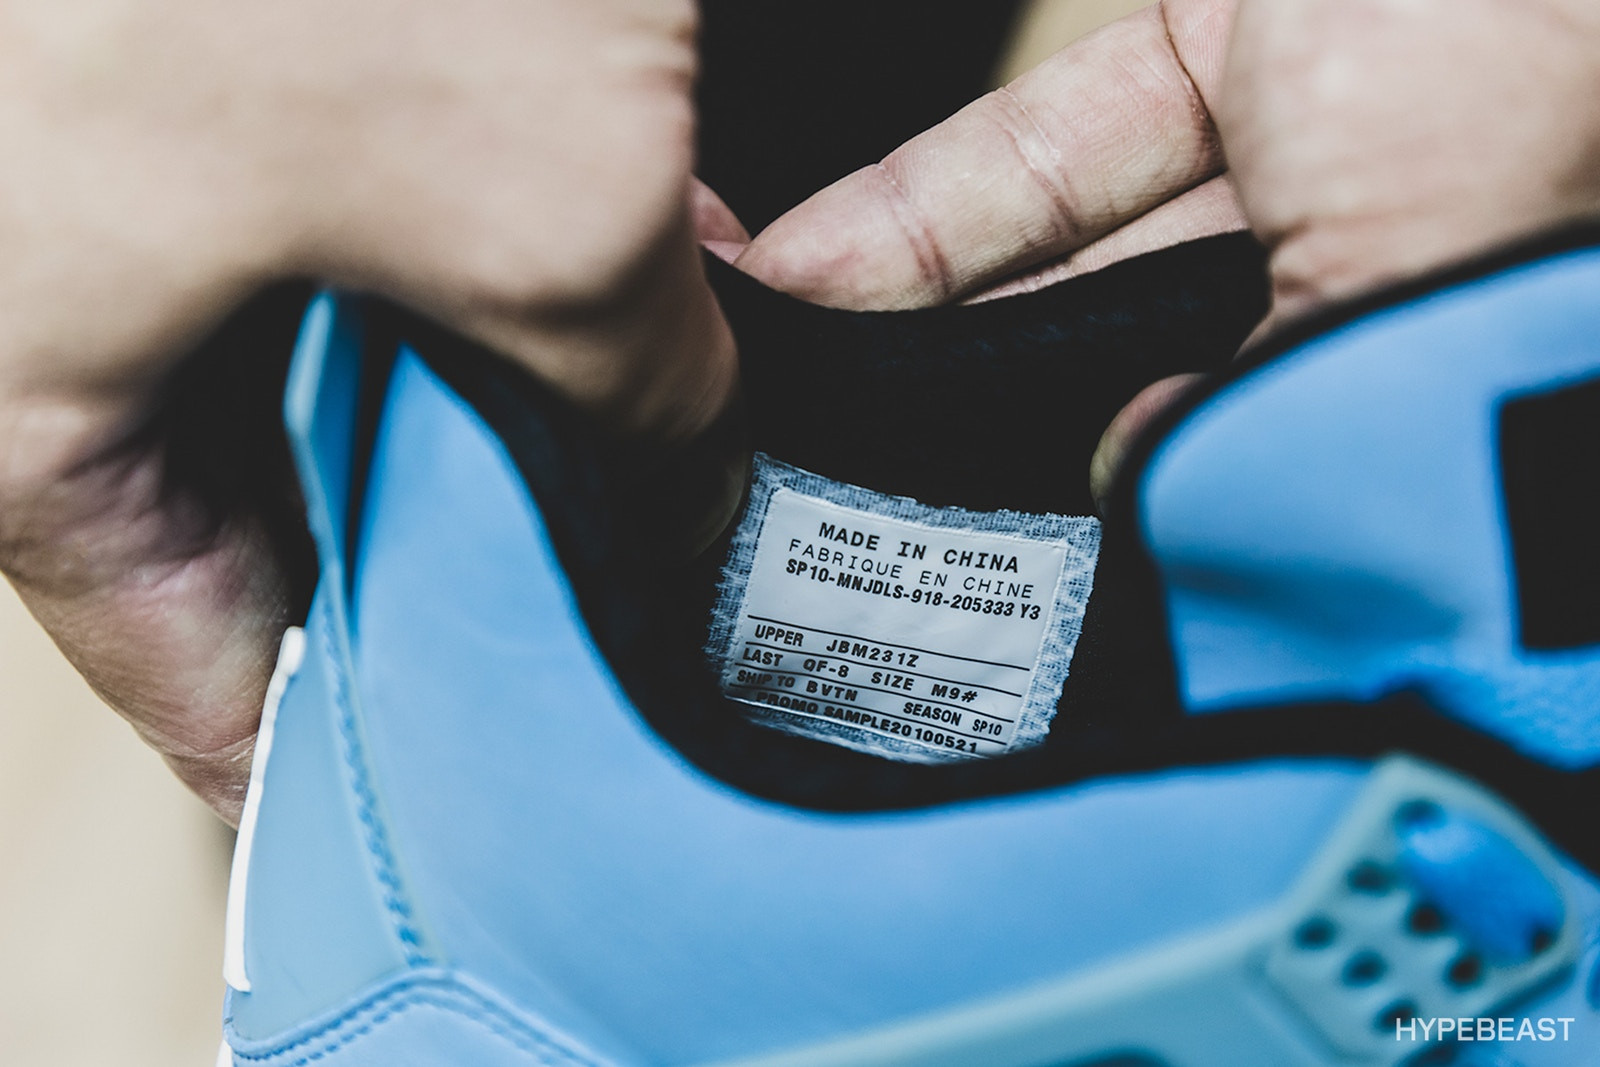 Jordan Brand FLIGHT23 HONG KONG Look Inside Sneakers Shoes Footwear Nike